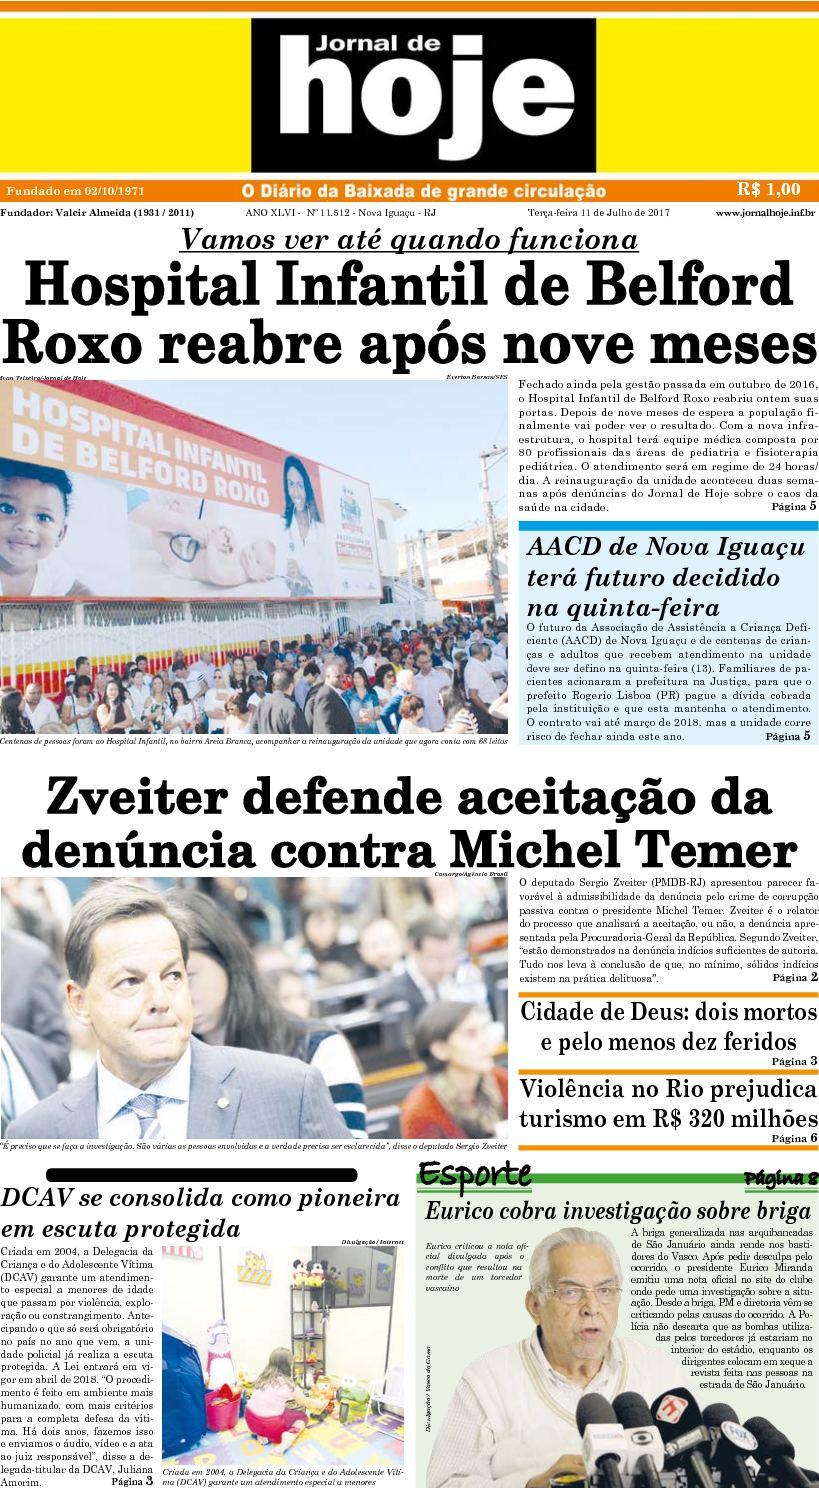 Calaméo - Jornal De Hoje 110717 f71600e6abd71